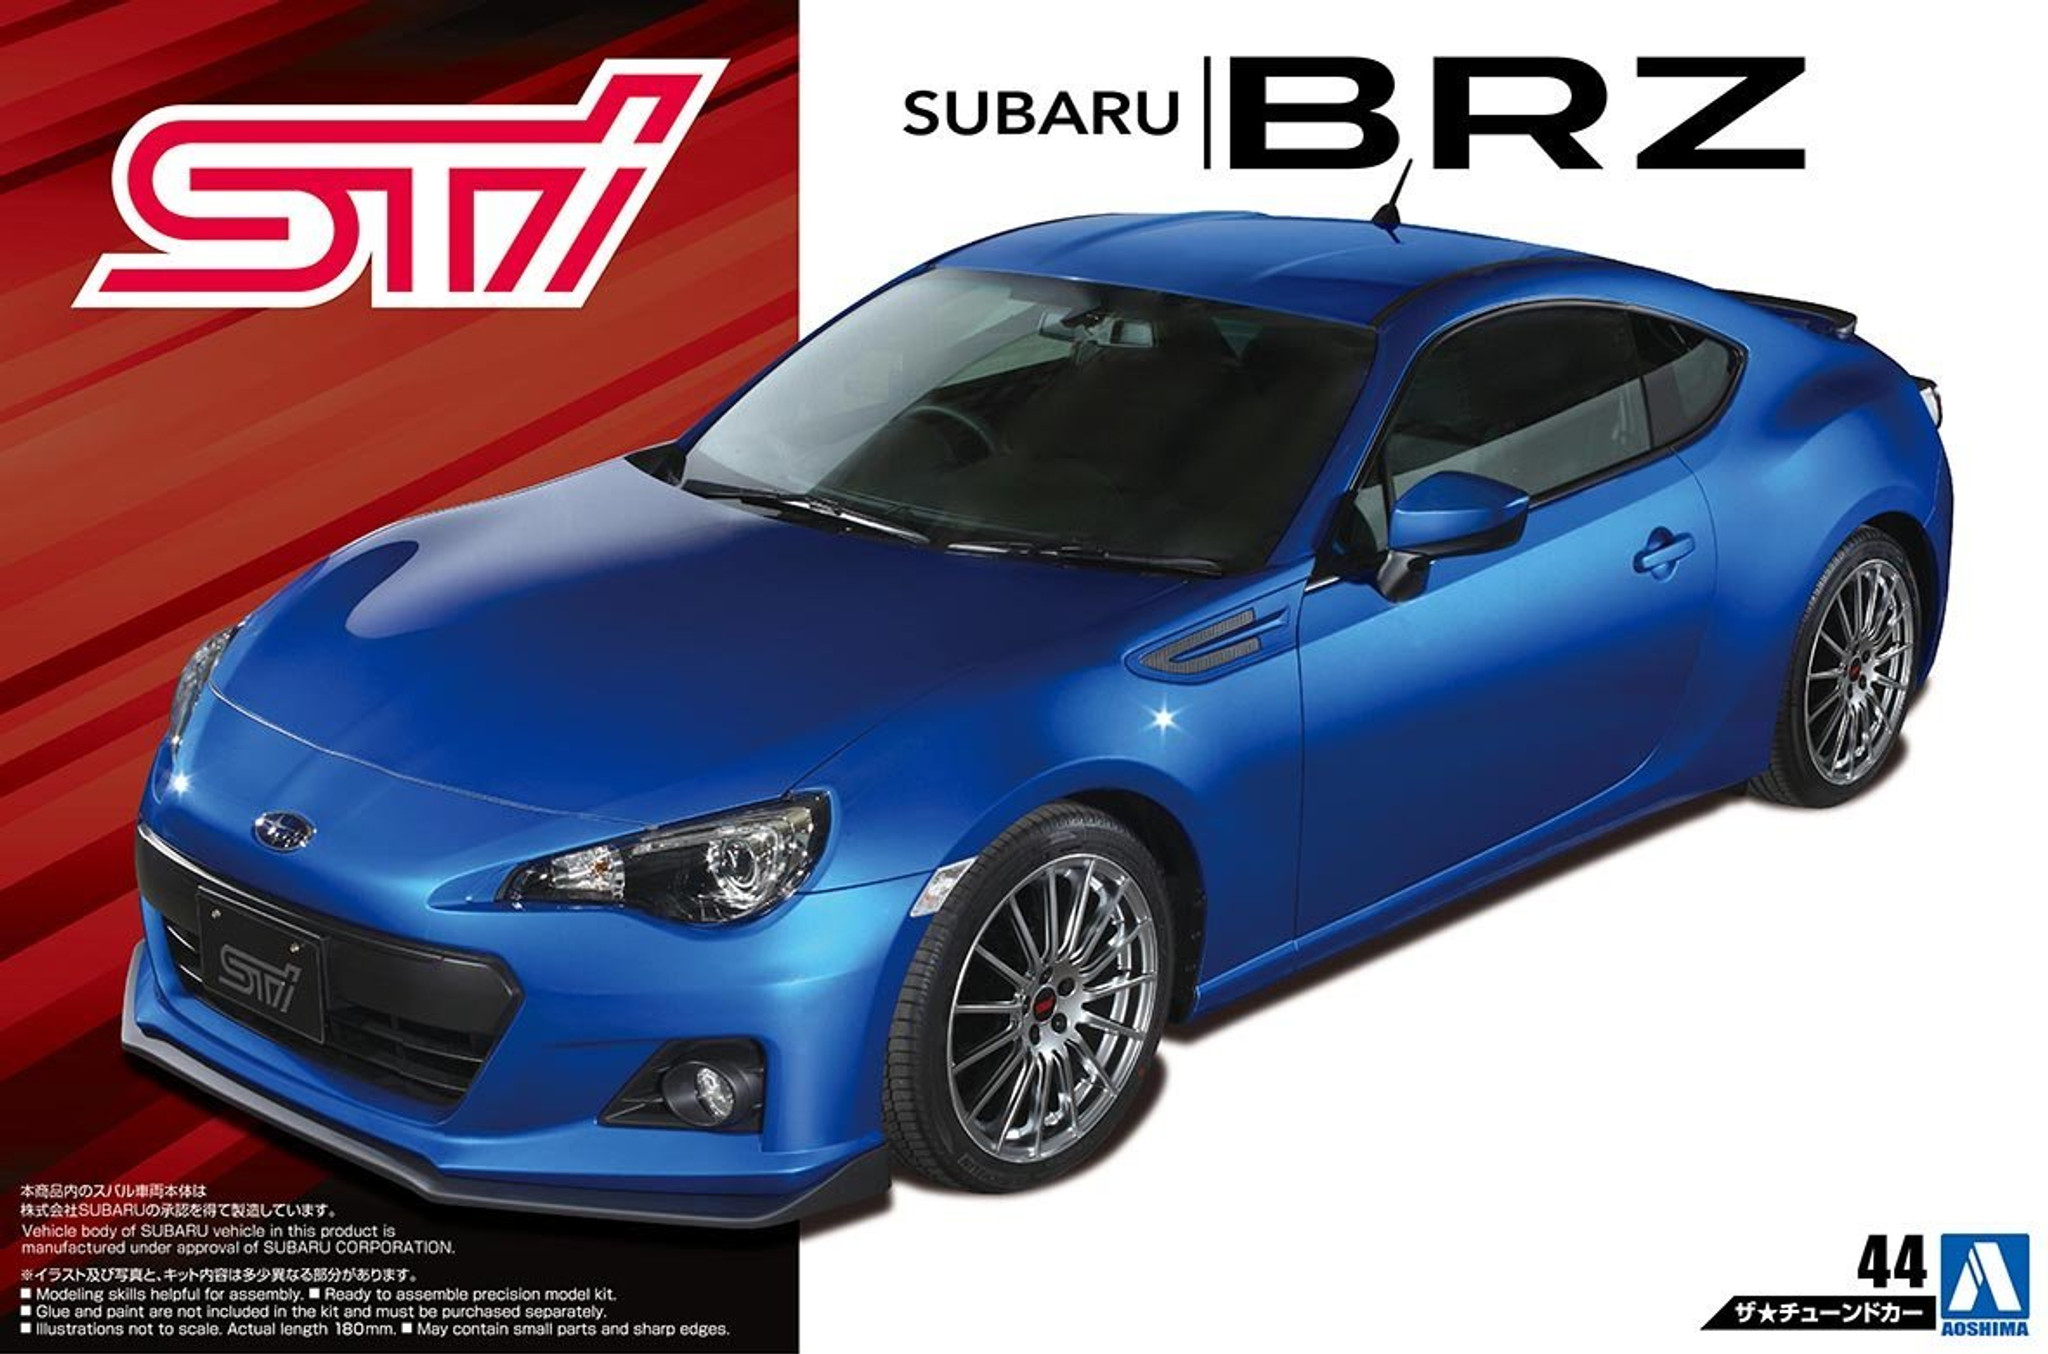 All Types brz sti parts : Aoshima 54536 STI ZC6 SUBARU BRZ '12 (SUBARU) 1   PlazaJapan